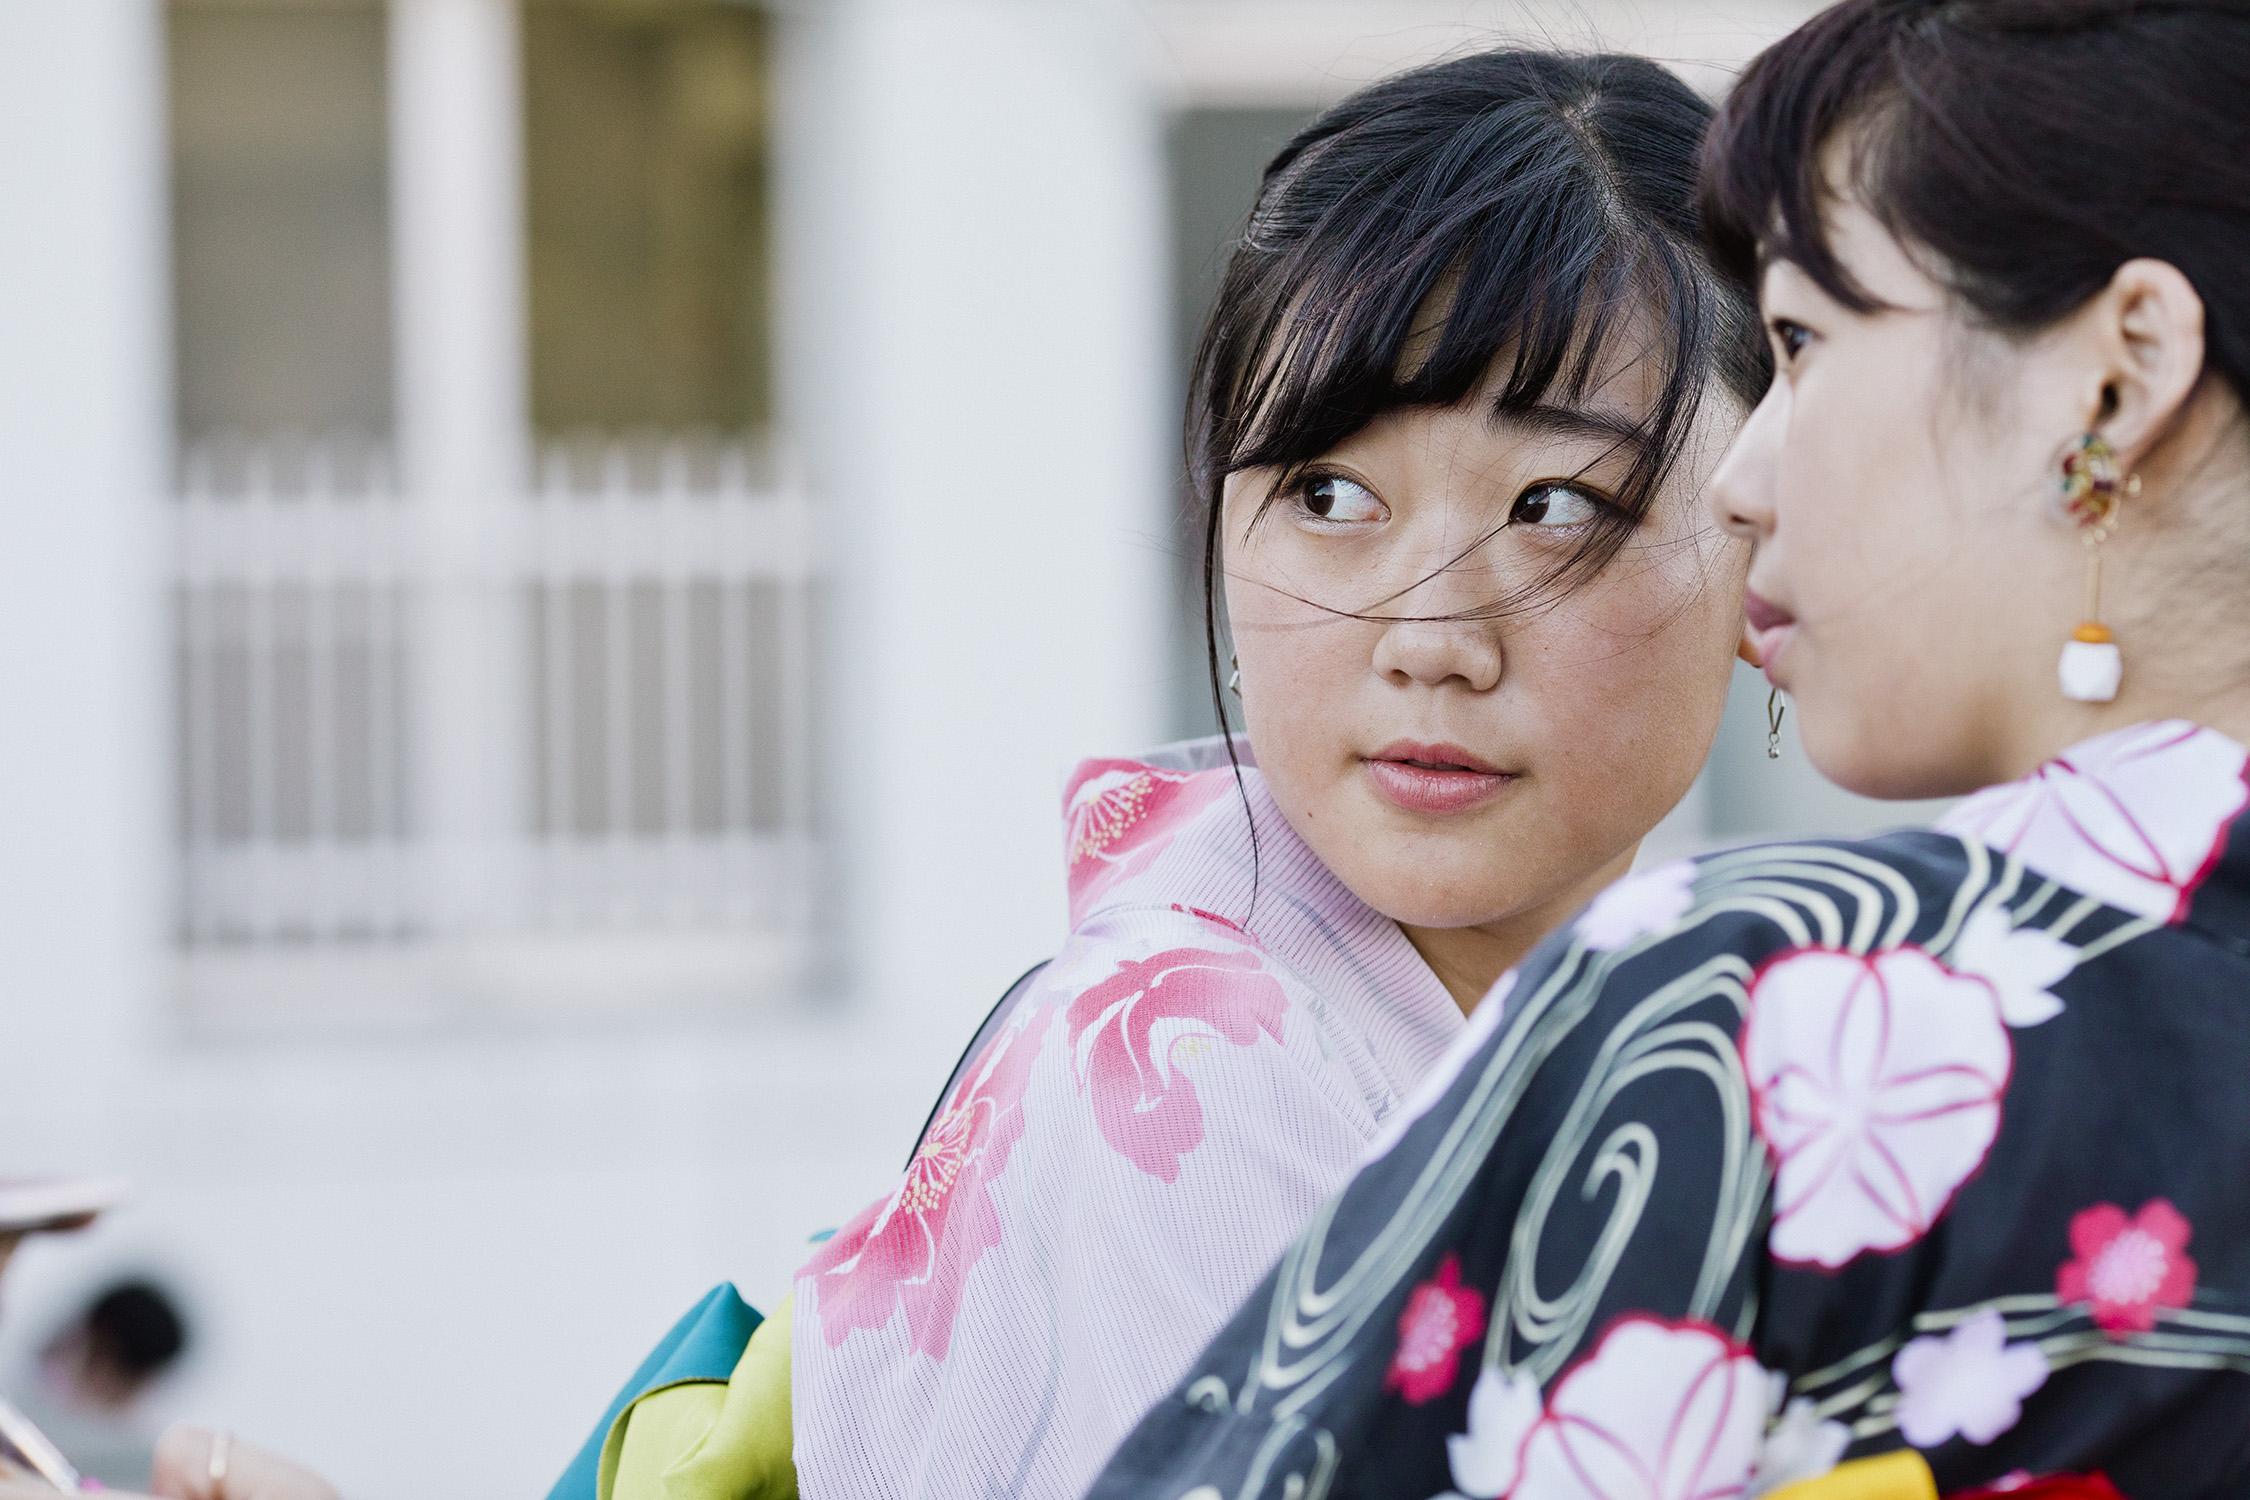 travel-japan-kyoto-washington-dc-malek-naz-photography-geisha-girl.jpg